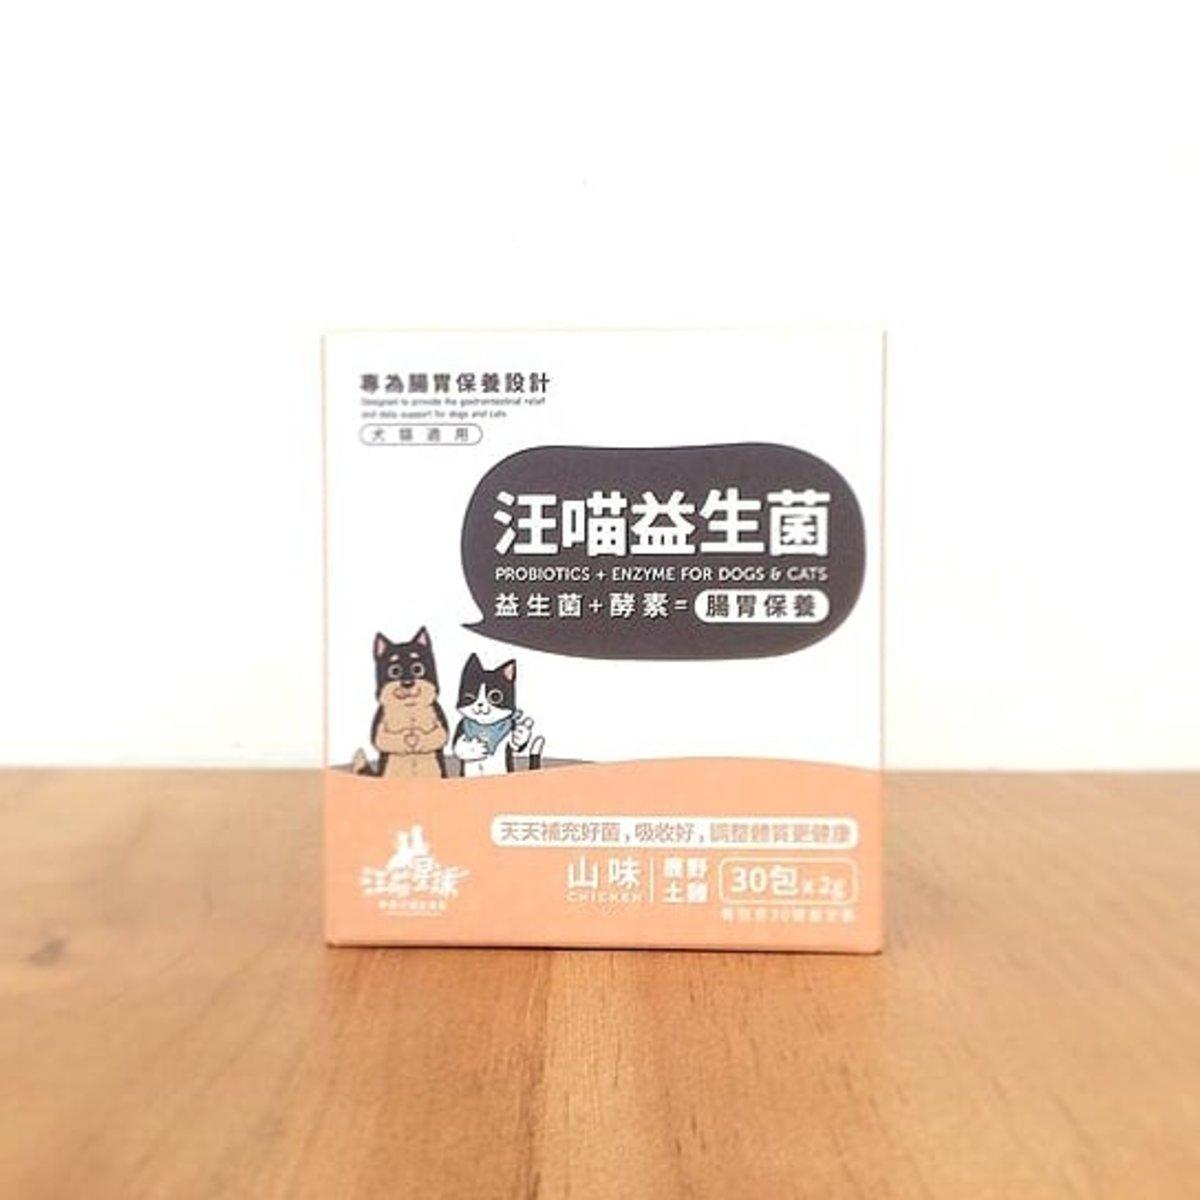 腸胃保健 益生菌 (雞味) (084034)